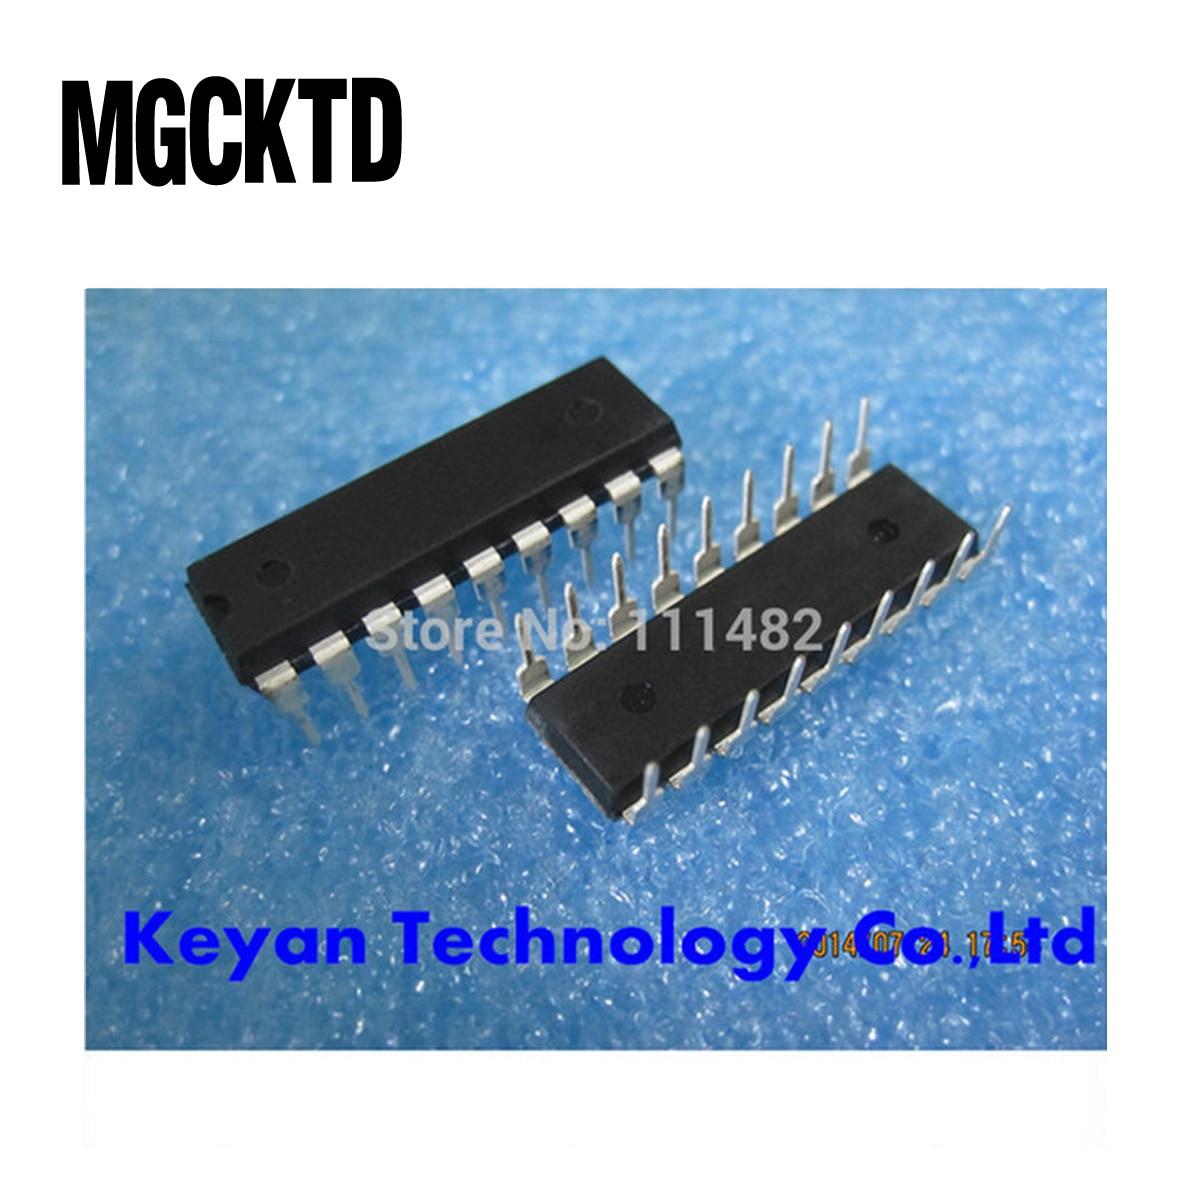 100% Neue 10 Stücke Mm74c922n Mm74c922 74c922 Marke Machen In China Fsc Paket Dip 74c922n